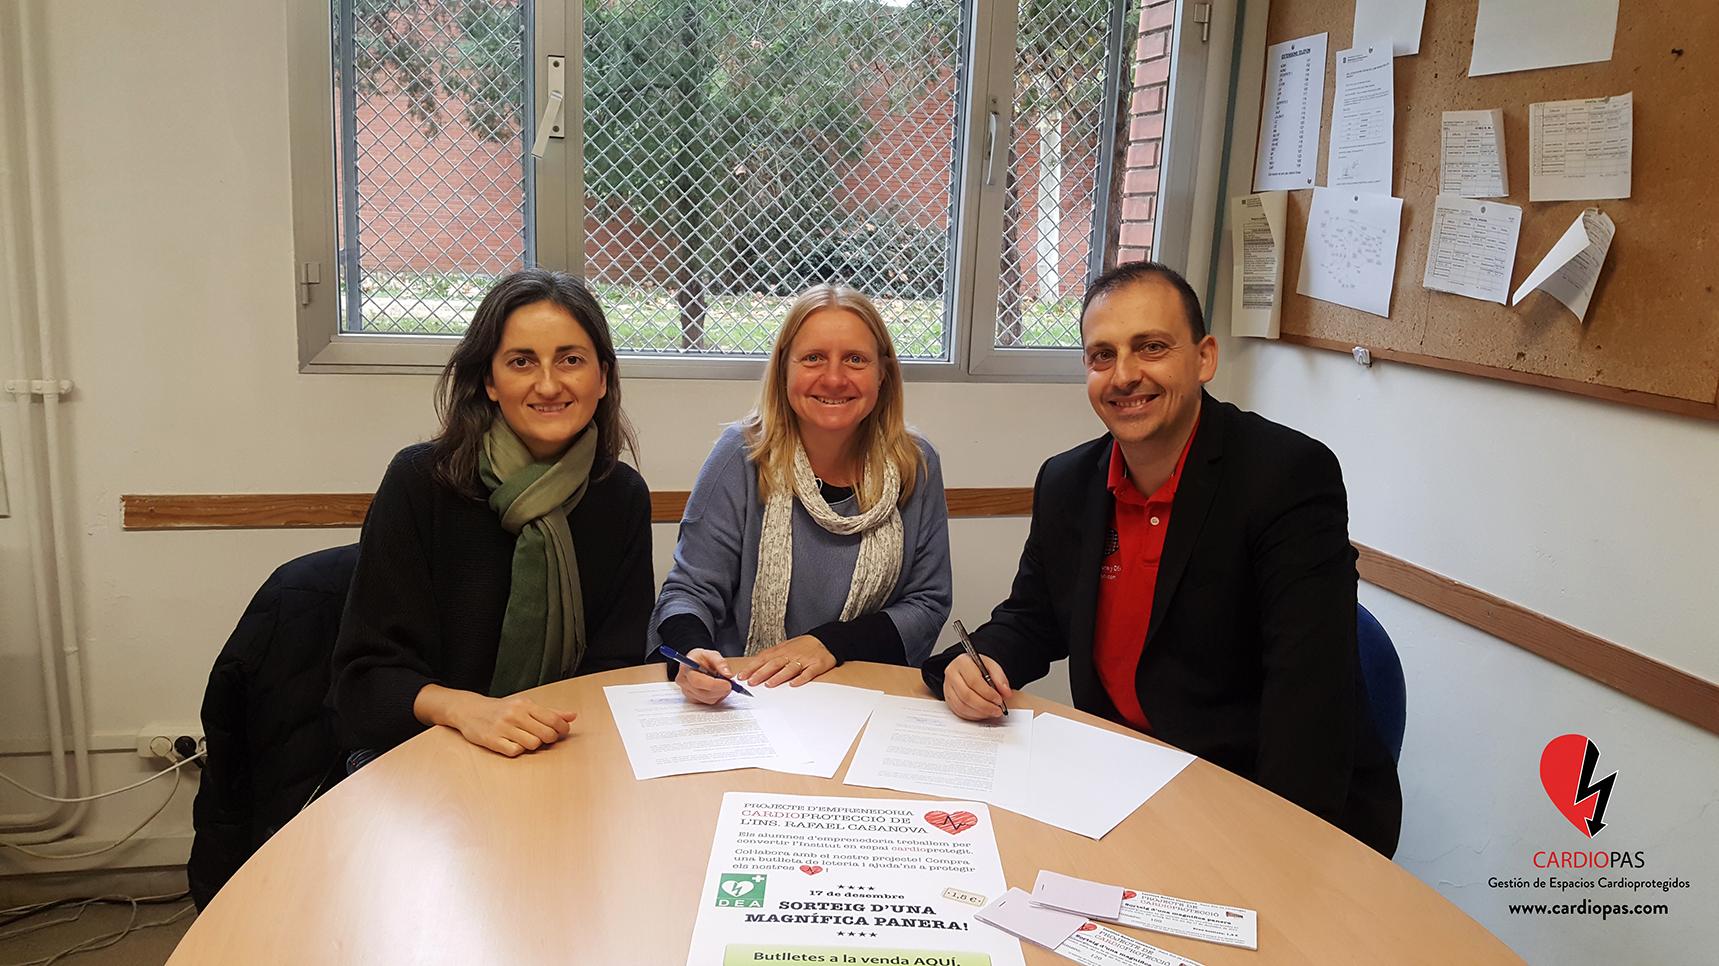 Hoy se ha llevado a cabo la firma del convenio de colaboración entre el Institut Rafael Casanova y CardioPAS, dentro del Proyecto de Cardioprotección del centro educativo. Al evento, han… Leer más